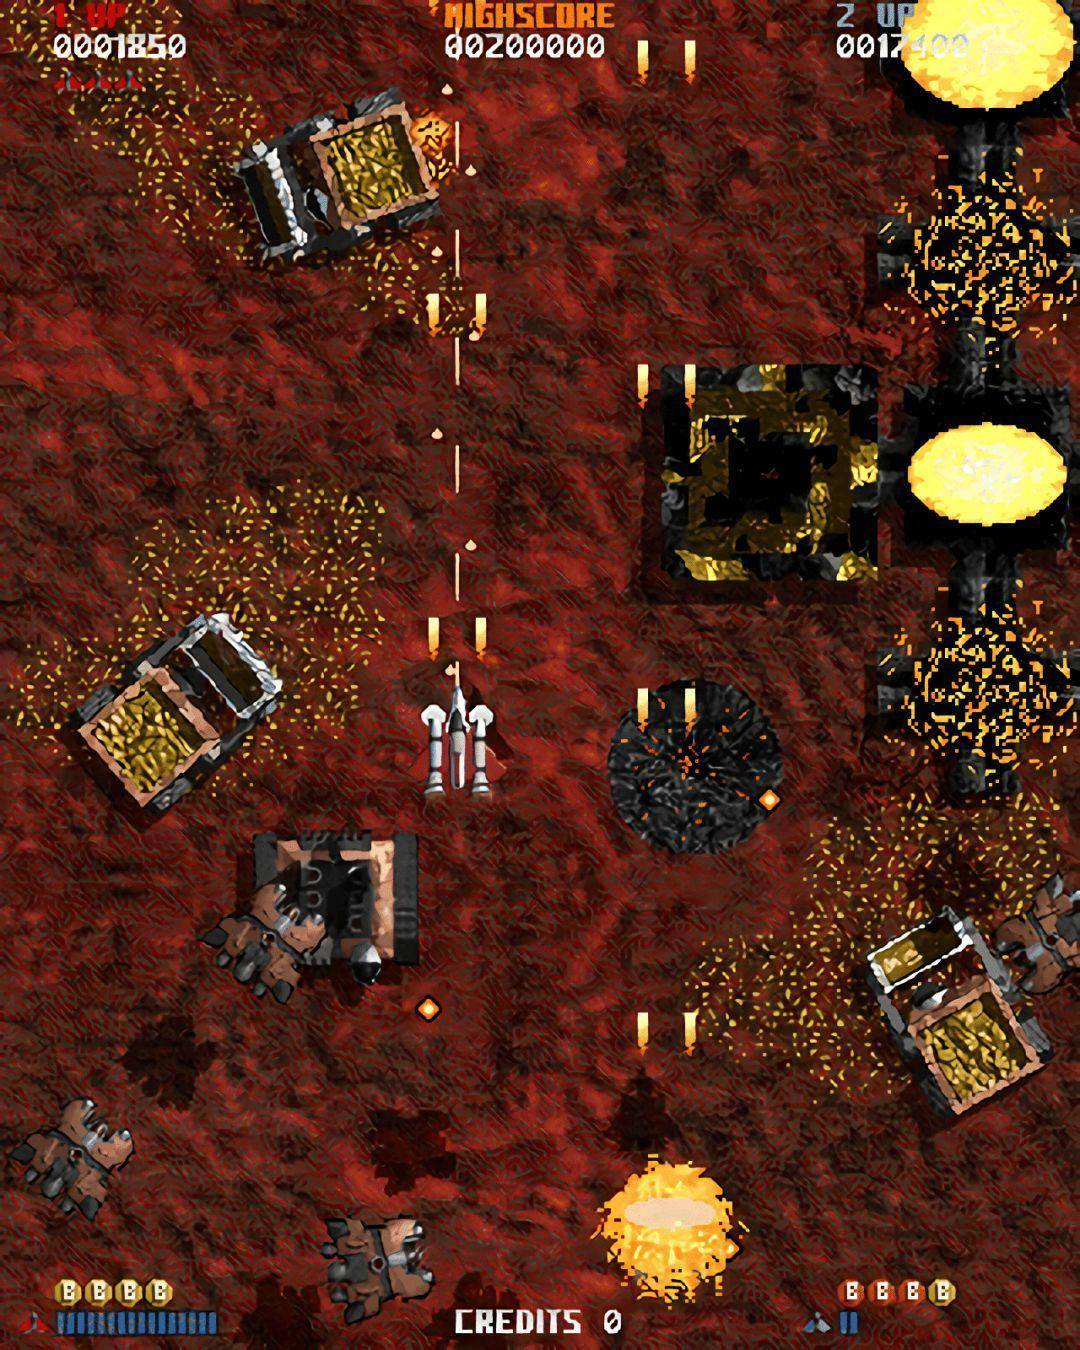 弹幕射击游戏考古:有关《恶魔之星》的传奇故事